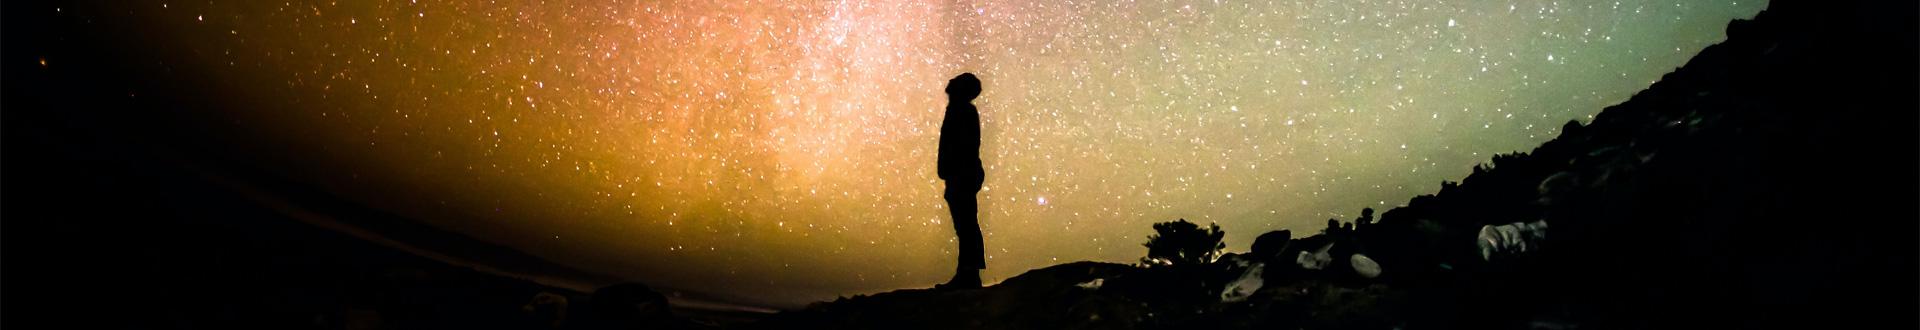 Cum facem să ne împlinim visurile?